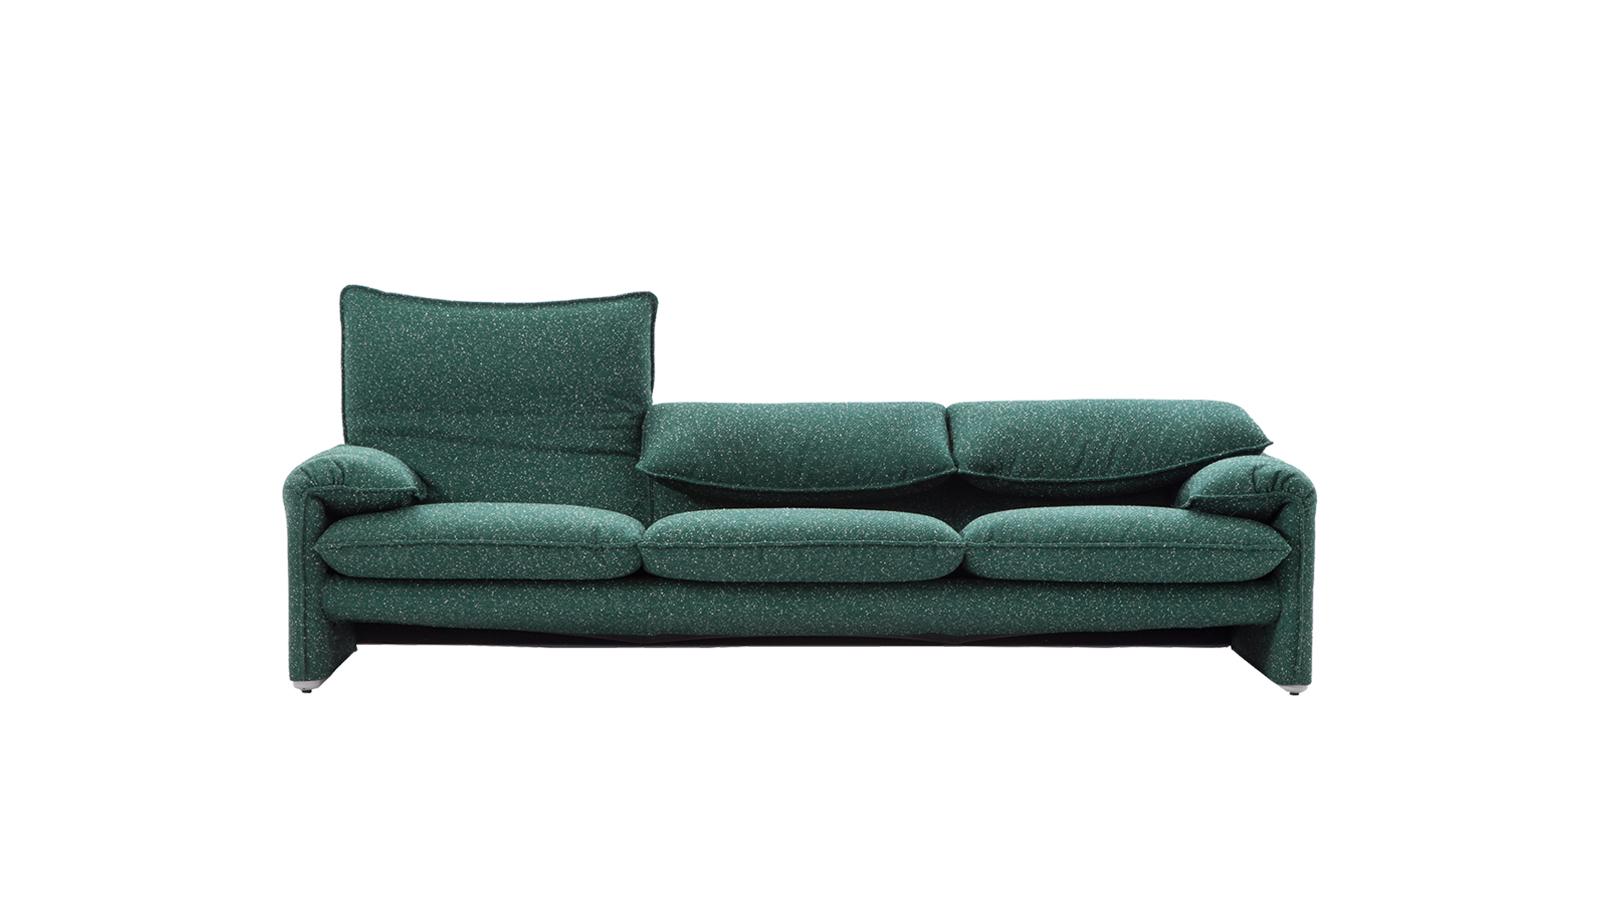 A Cassina nemzetközi sikert arató kanapéja a Maralunga. Hívogató, kellemes formái mellett hajlítható háttámlája tette best-sellerré, mely lecsukva fejtámaszként is használható. 40. évfordulóját azzal ünnepelték 2014-ben, hogy modern kárpitozást kapott. Tapasztalja meg Ön is az inonikus designtárgy kényeztetését!